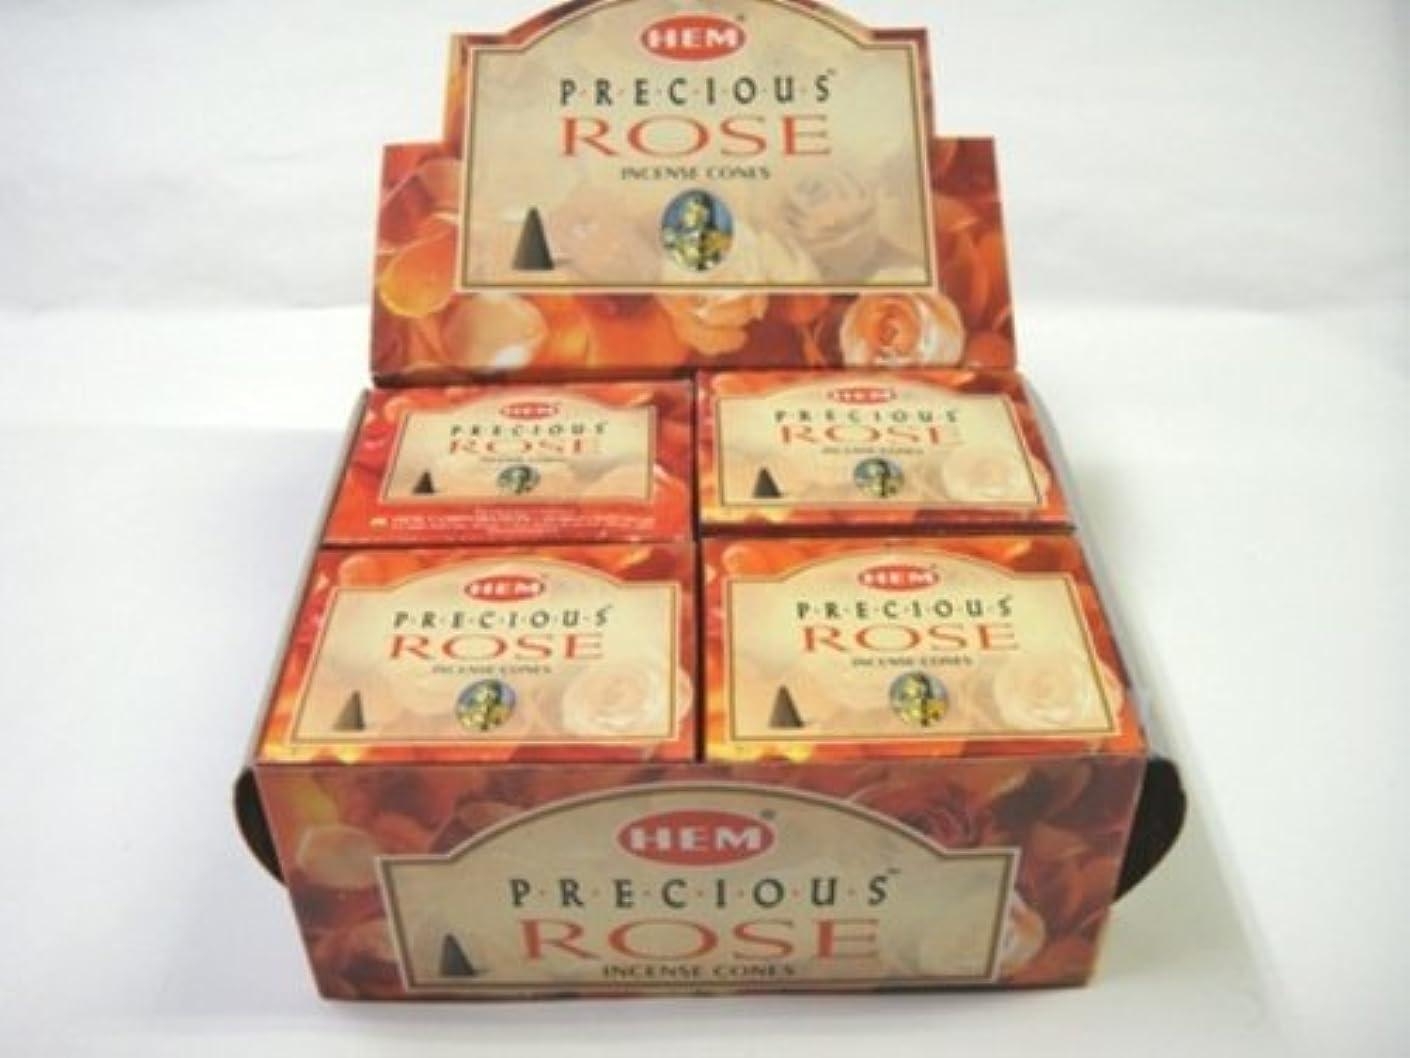 貴重な通信網ダイバーHEM お香 プレシャスローズ コーンタイプ 1ケース(12箱入り) お香薔薇